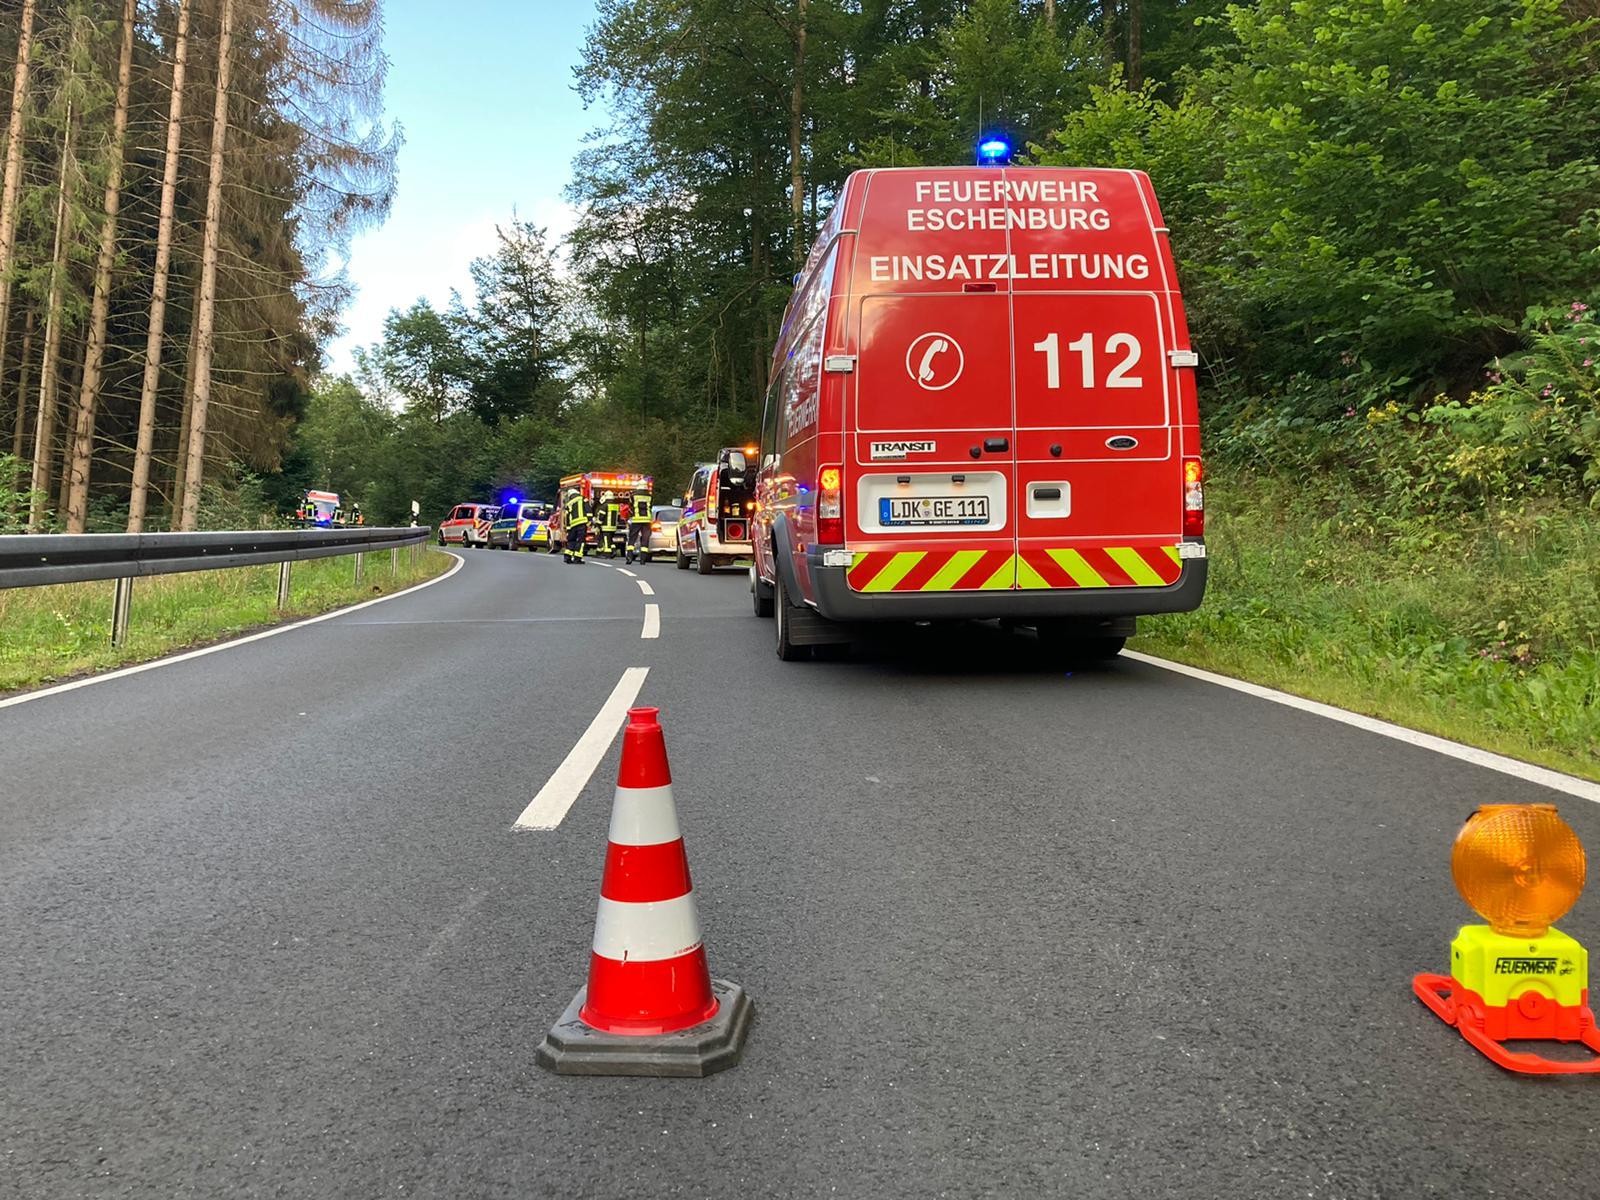 H1-Auslaufende Betriebsmittel nach VU L3043 Eiershausen